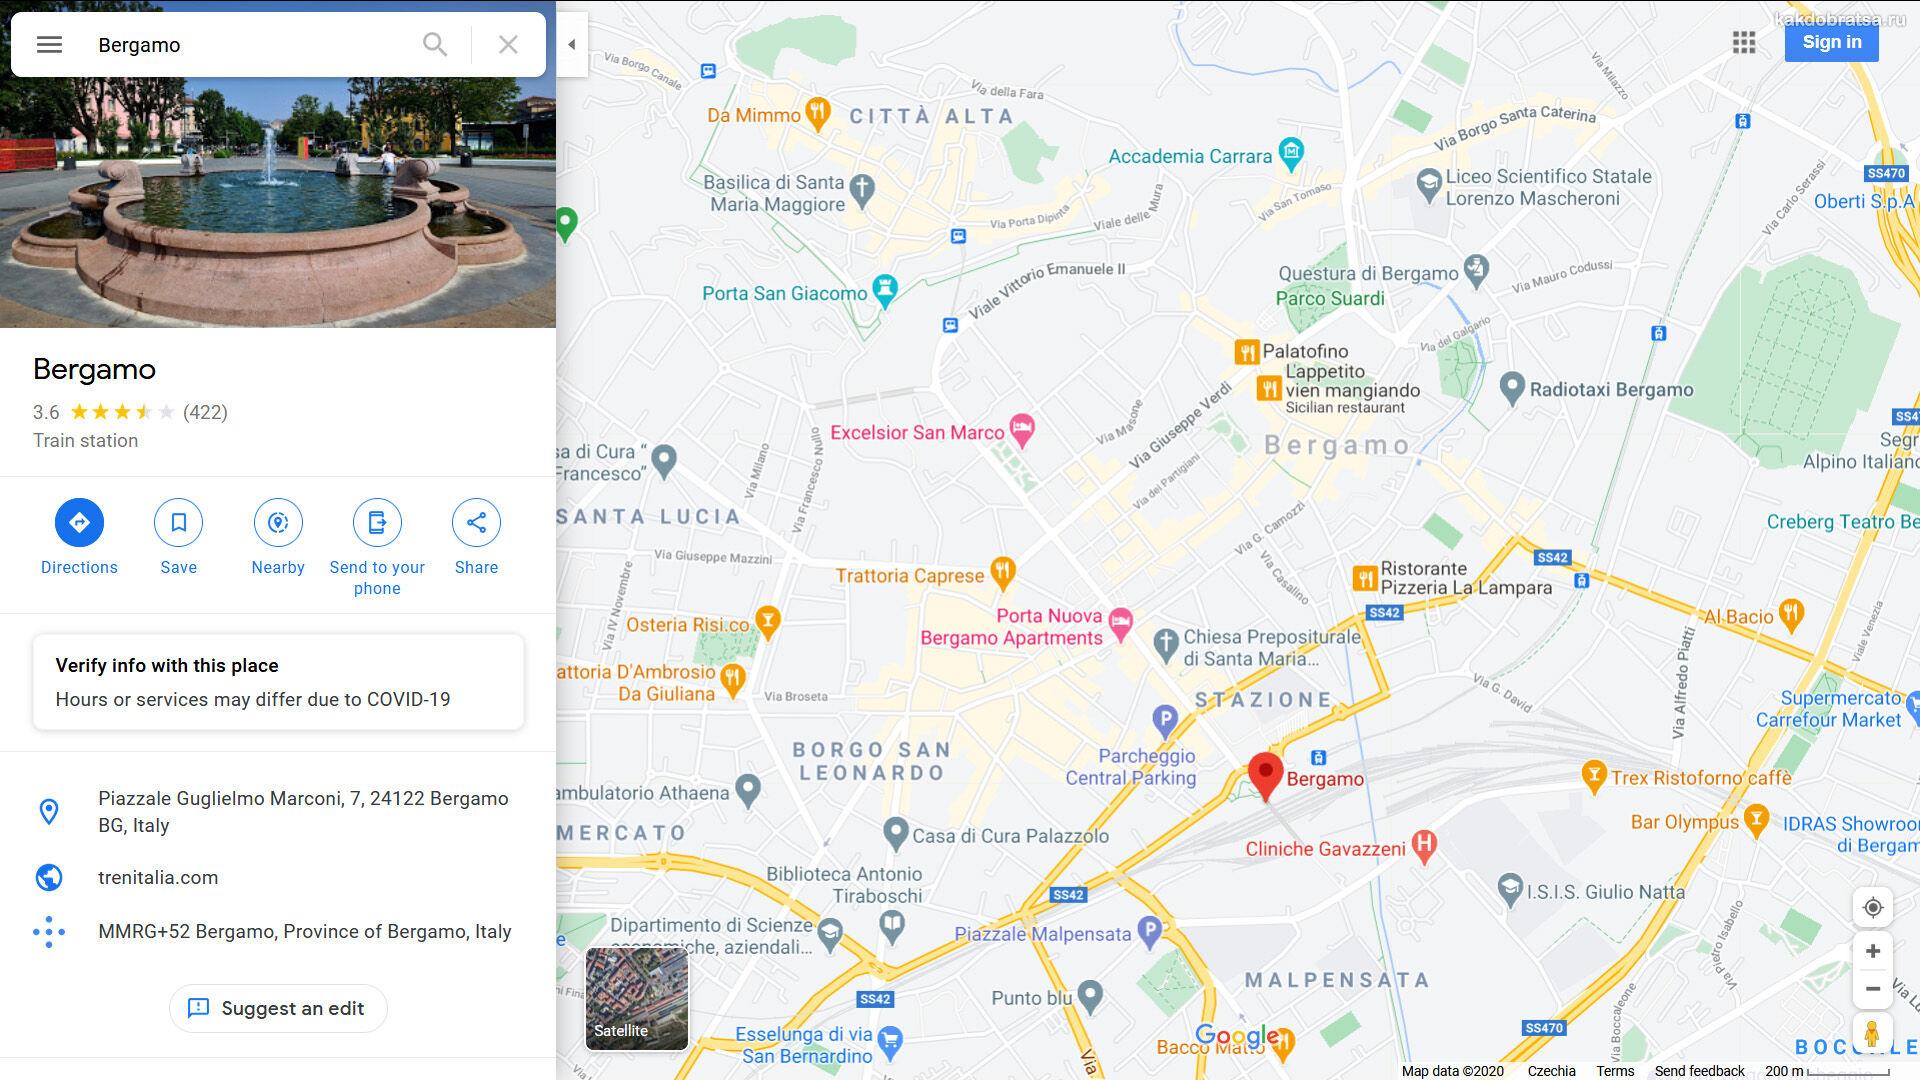 Вокзал Бергамо на карте, адрес и где находится